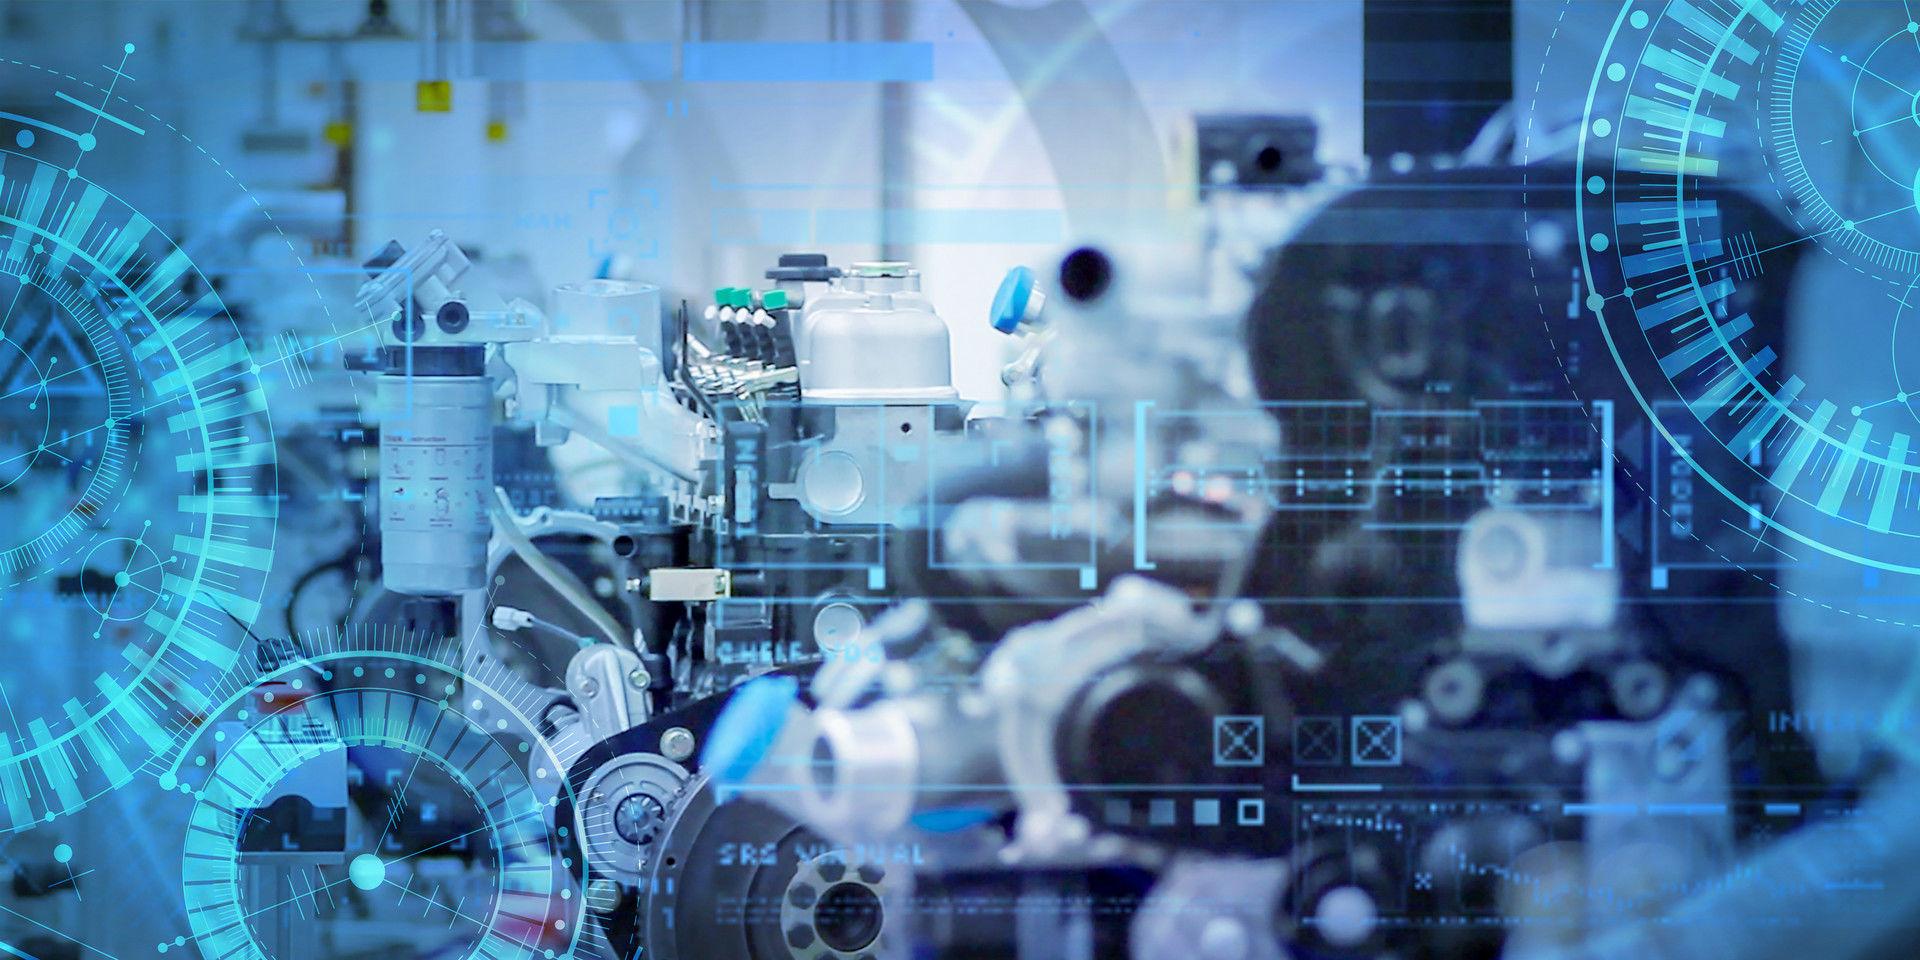 财经资讯_青岛发起高端制造业+人工智能攻势 由制造迈向智造_青岛频道 ...